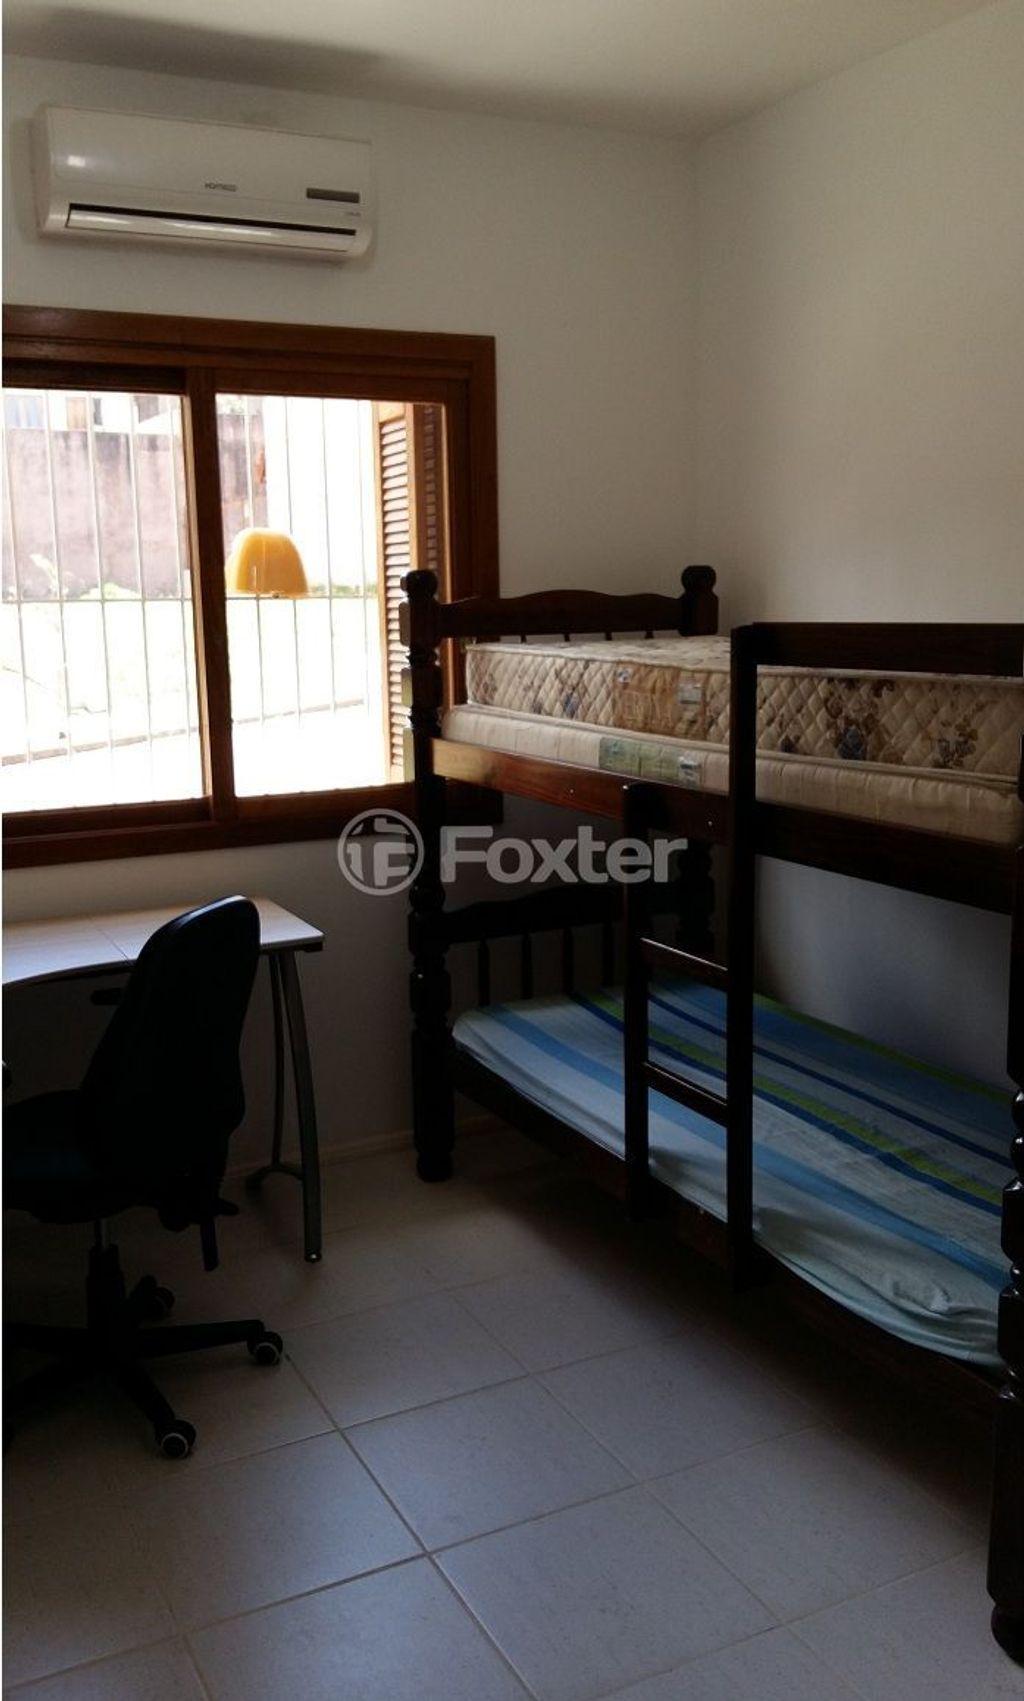 Casa 2 Dorm, Lomba do Pinheiro, Porto Alegre (133748) - Foto 18